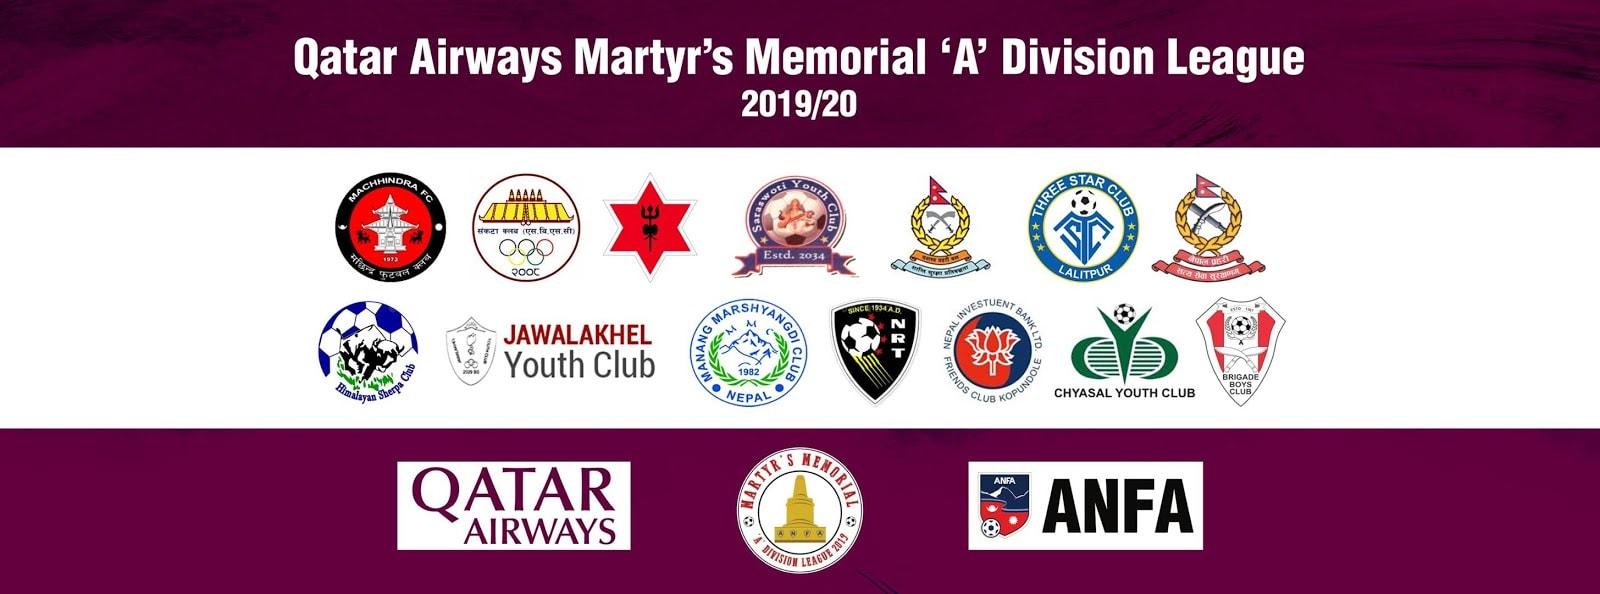 Qatar Airways Martyr's Memorial 'A' Division League 2019-2020